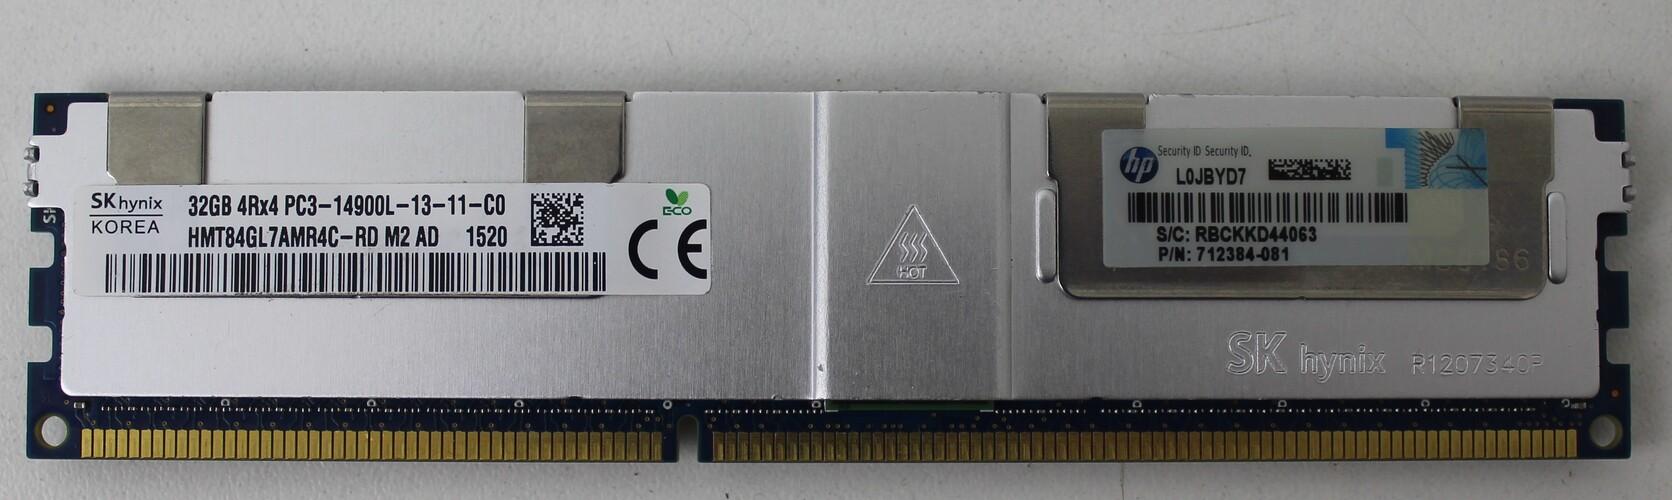 MEMORIA DE SERVIDOR SK HYNIX KOREA 32GB 4RX4 PC3-14900L-13-11-C0